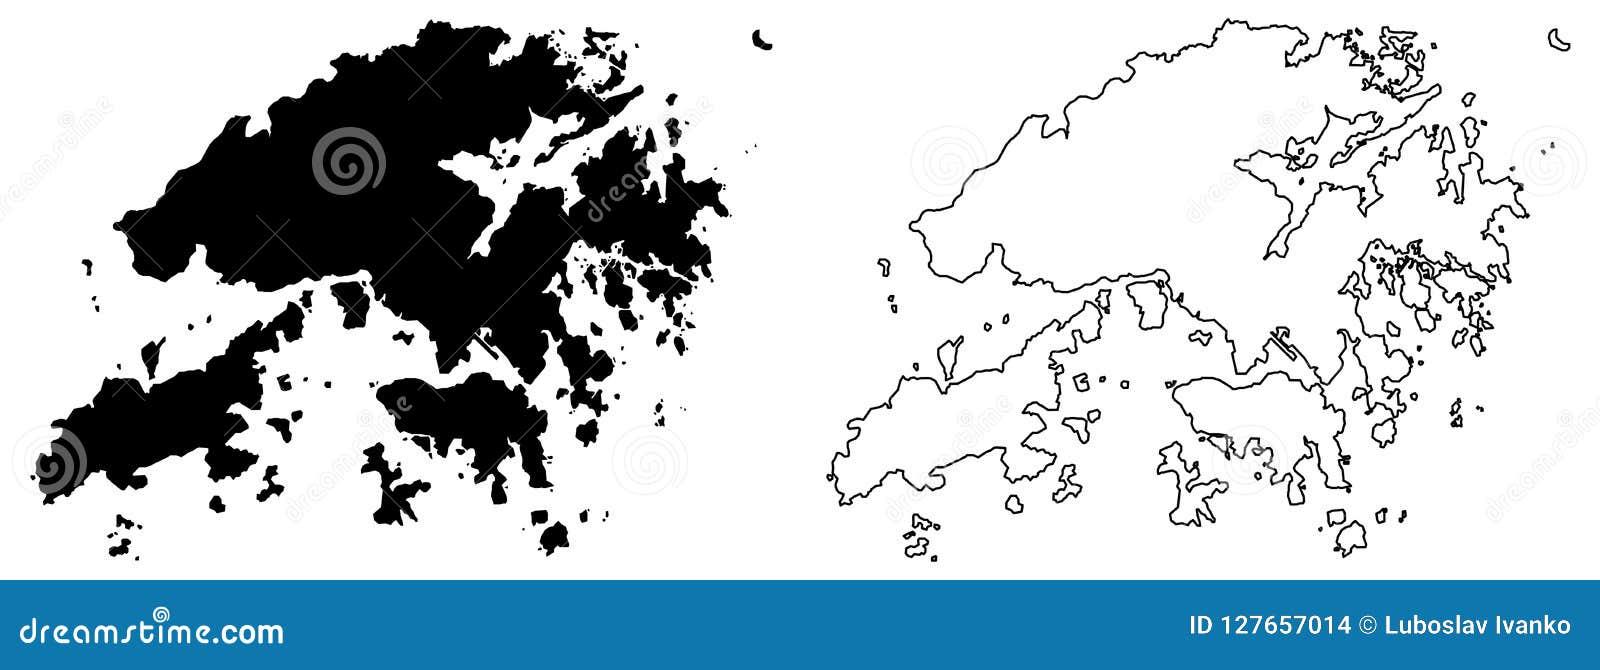 香港香港专辑A仅简单的锋利的角落地图